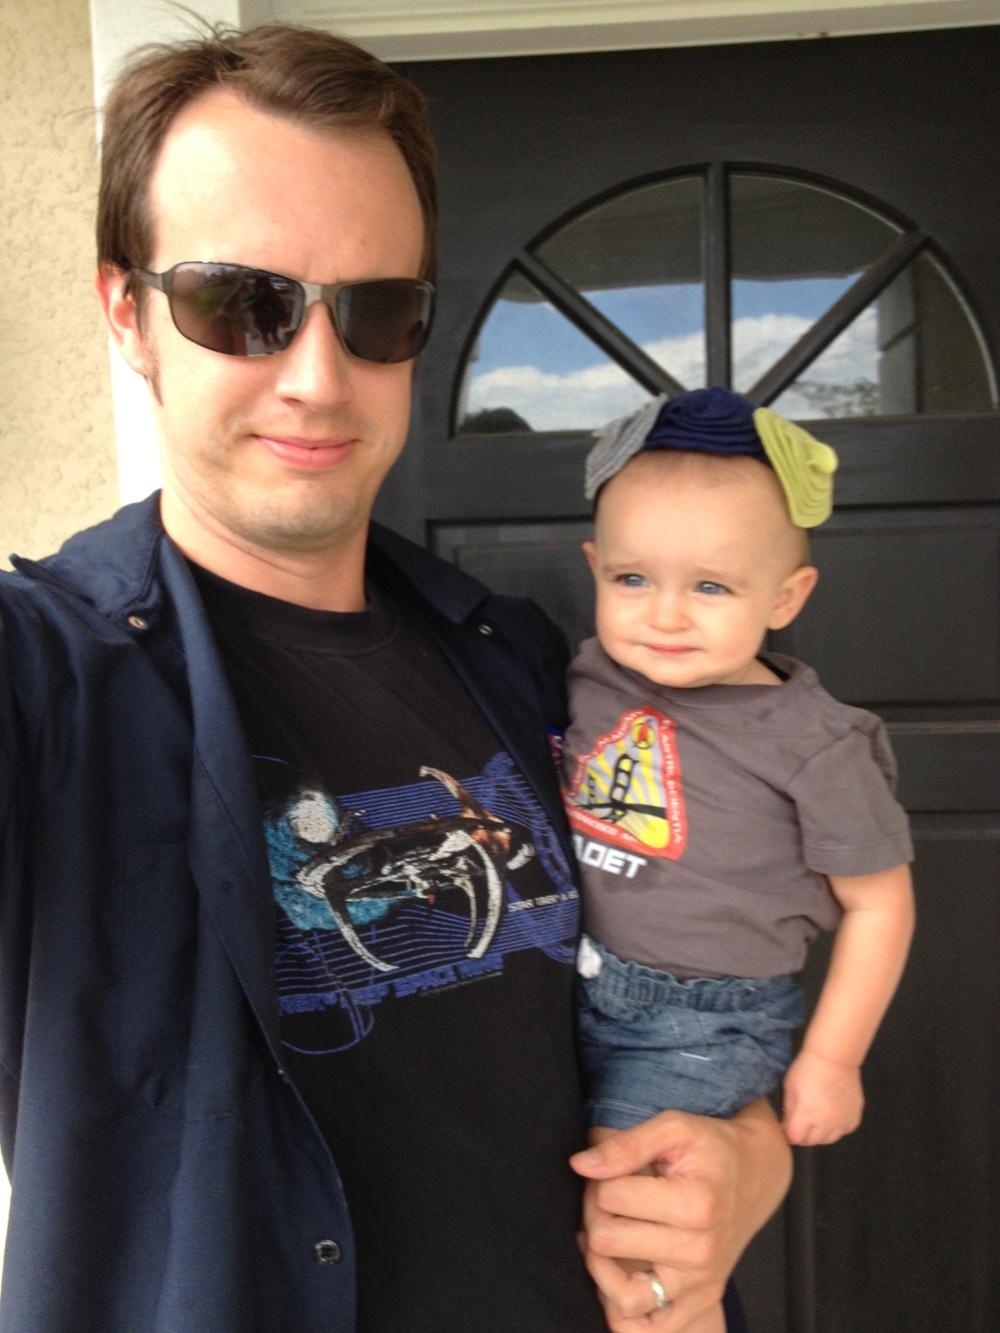 Wearing Trek Shirts